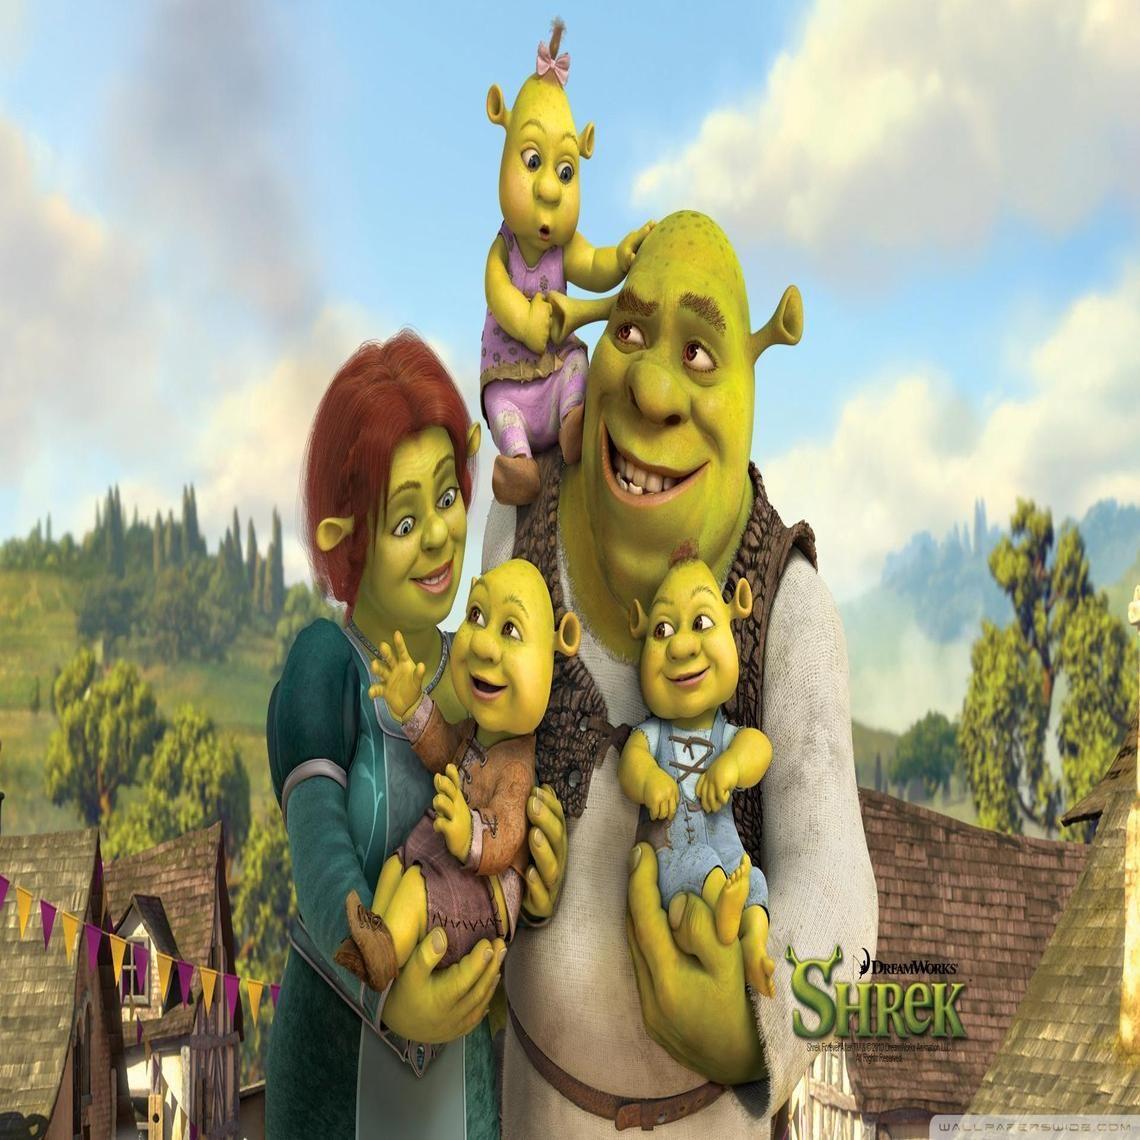 Shrek The 4th Shrek Filmes Infantis Fiona E Sherek